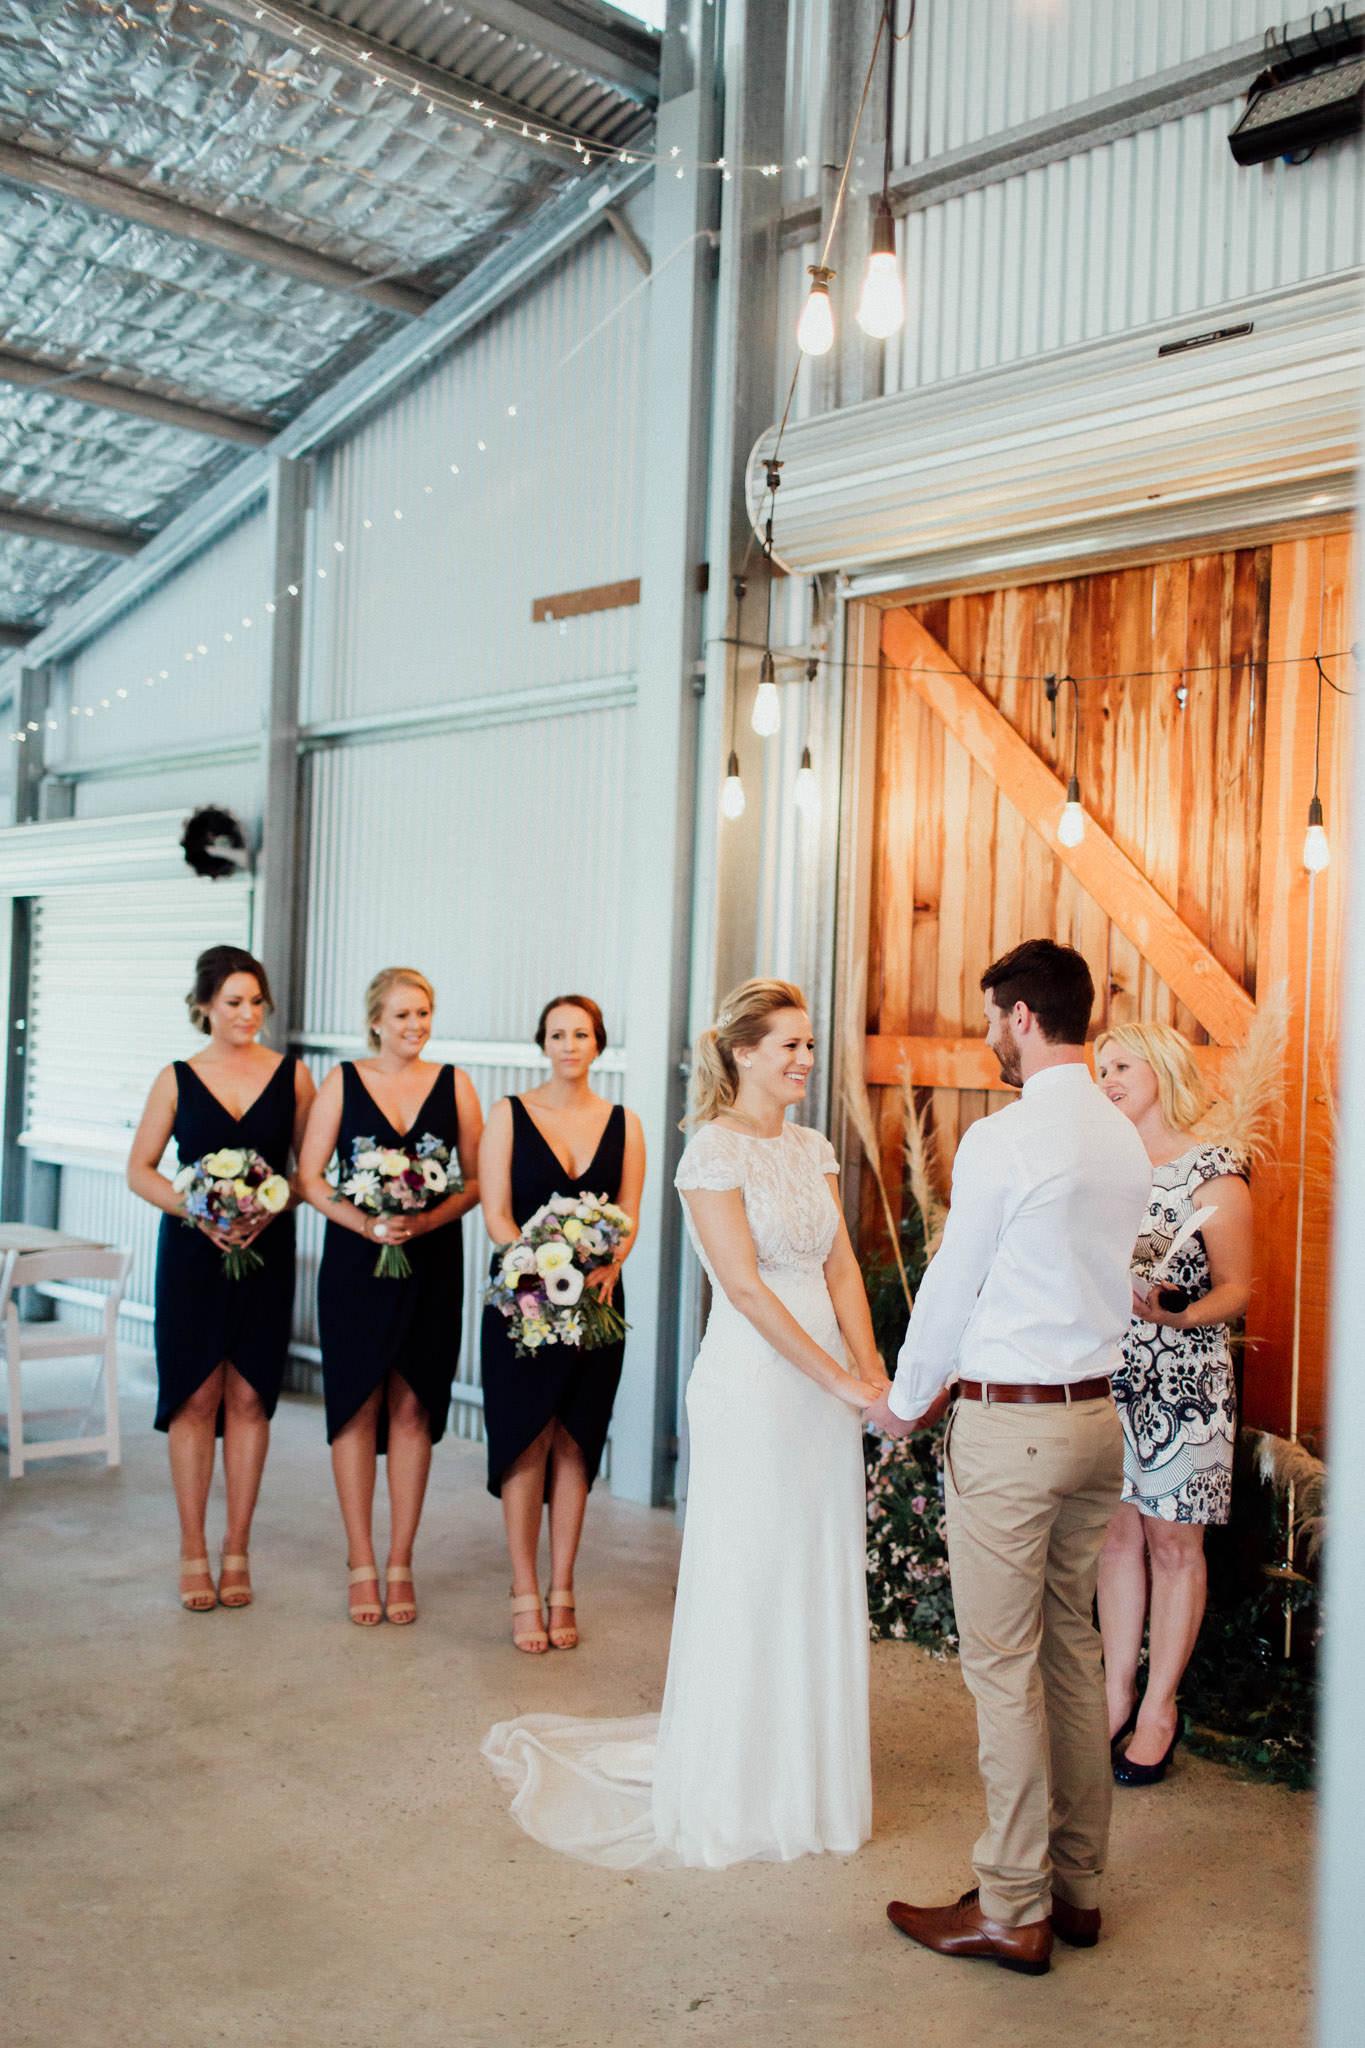 WeddingPhotos_Facebook_2048pixels-1258.jpg